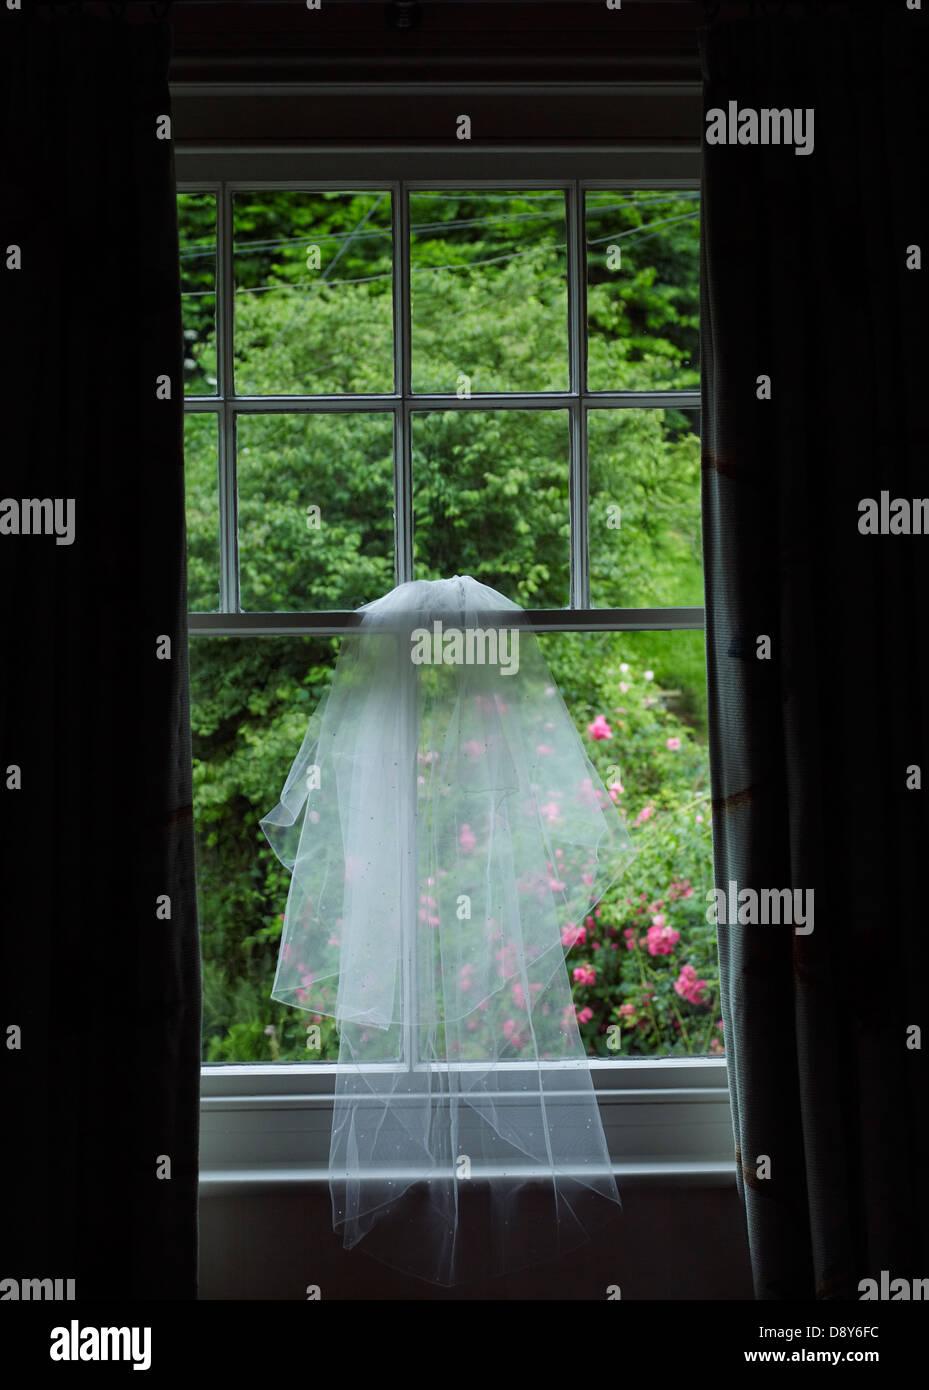 Un velo de novia colgado de una ventana con vistas a un jardín verde. Imagen De Stock